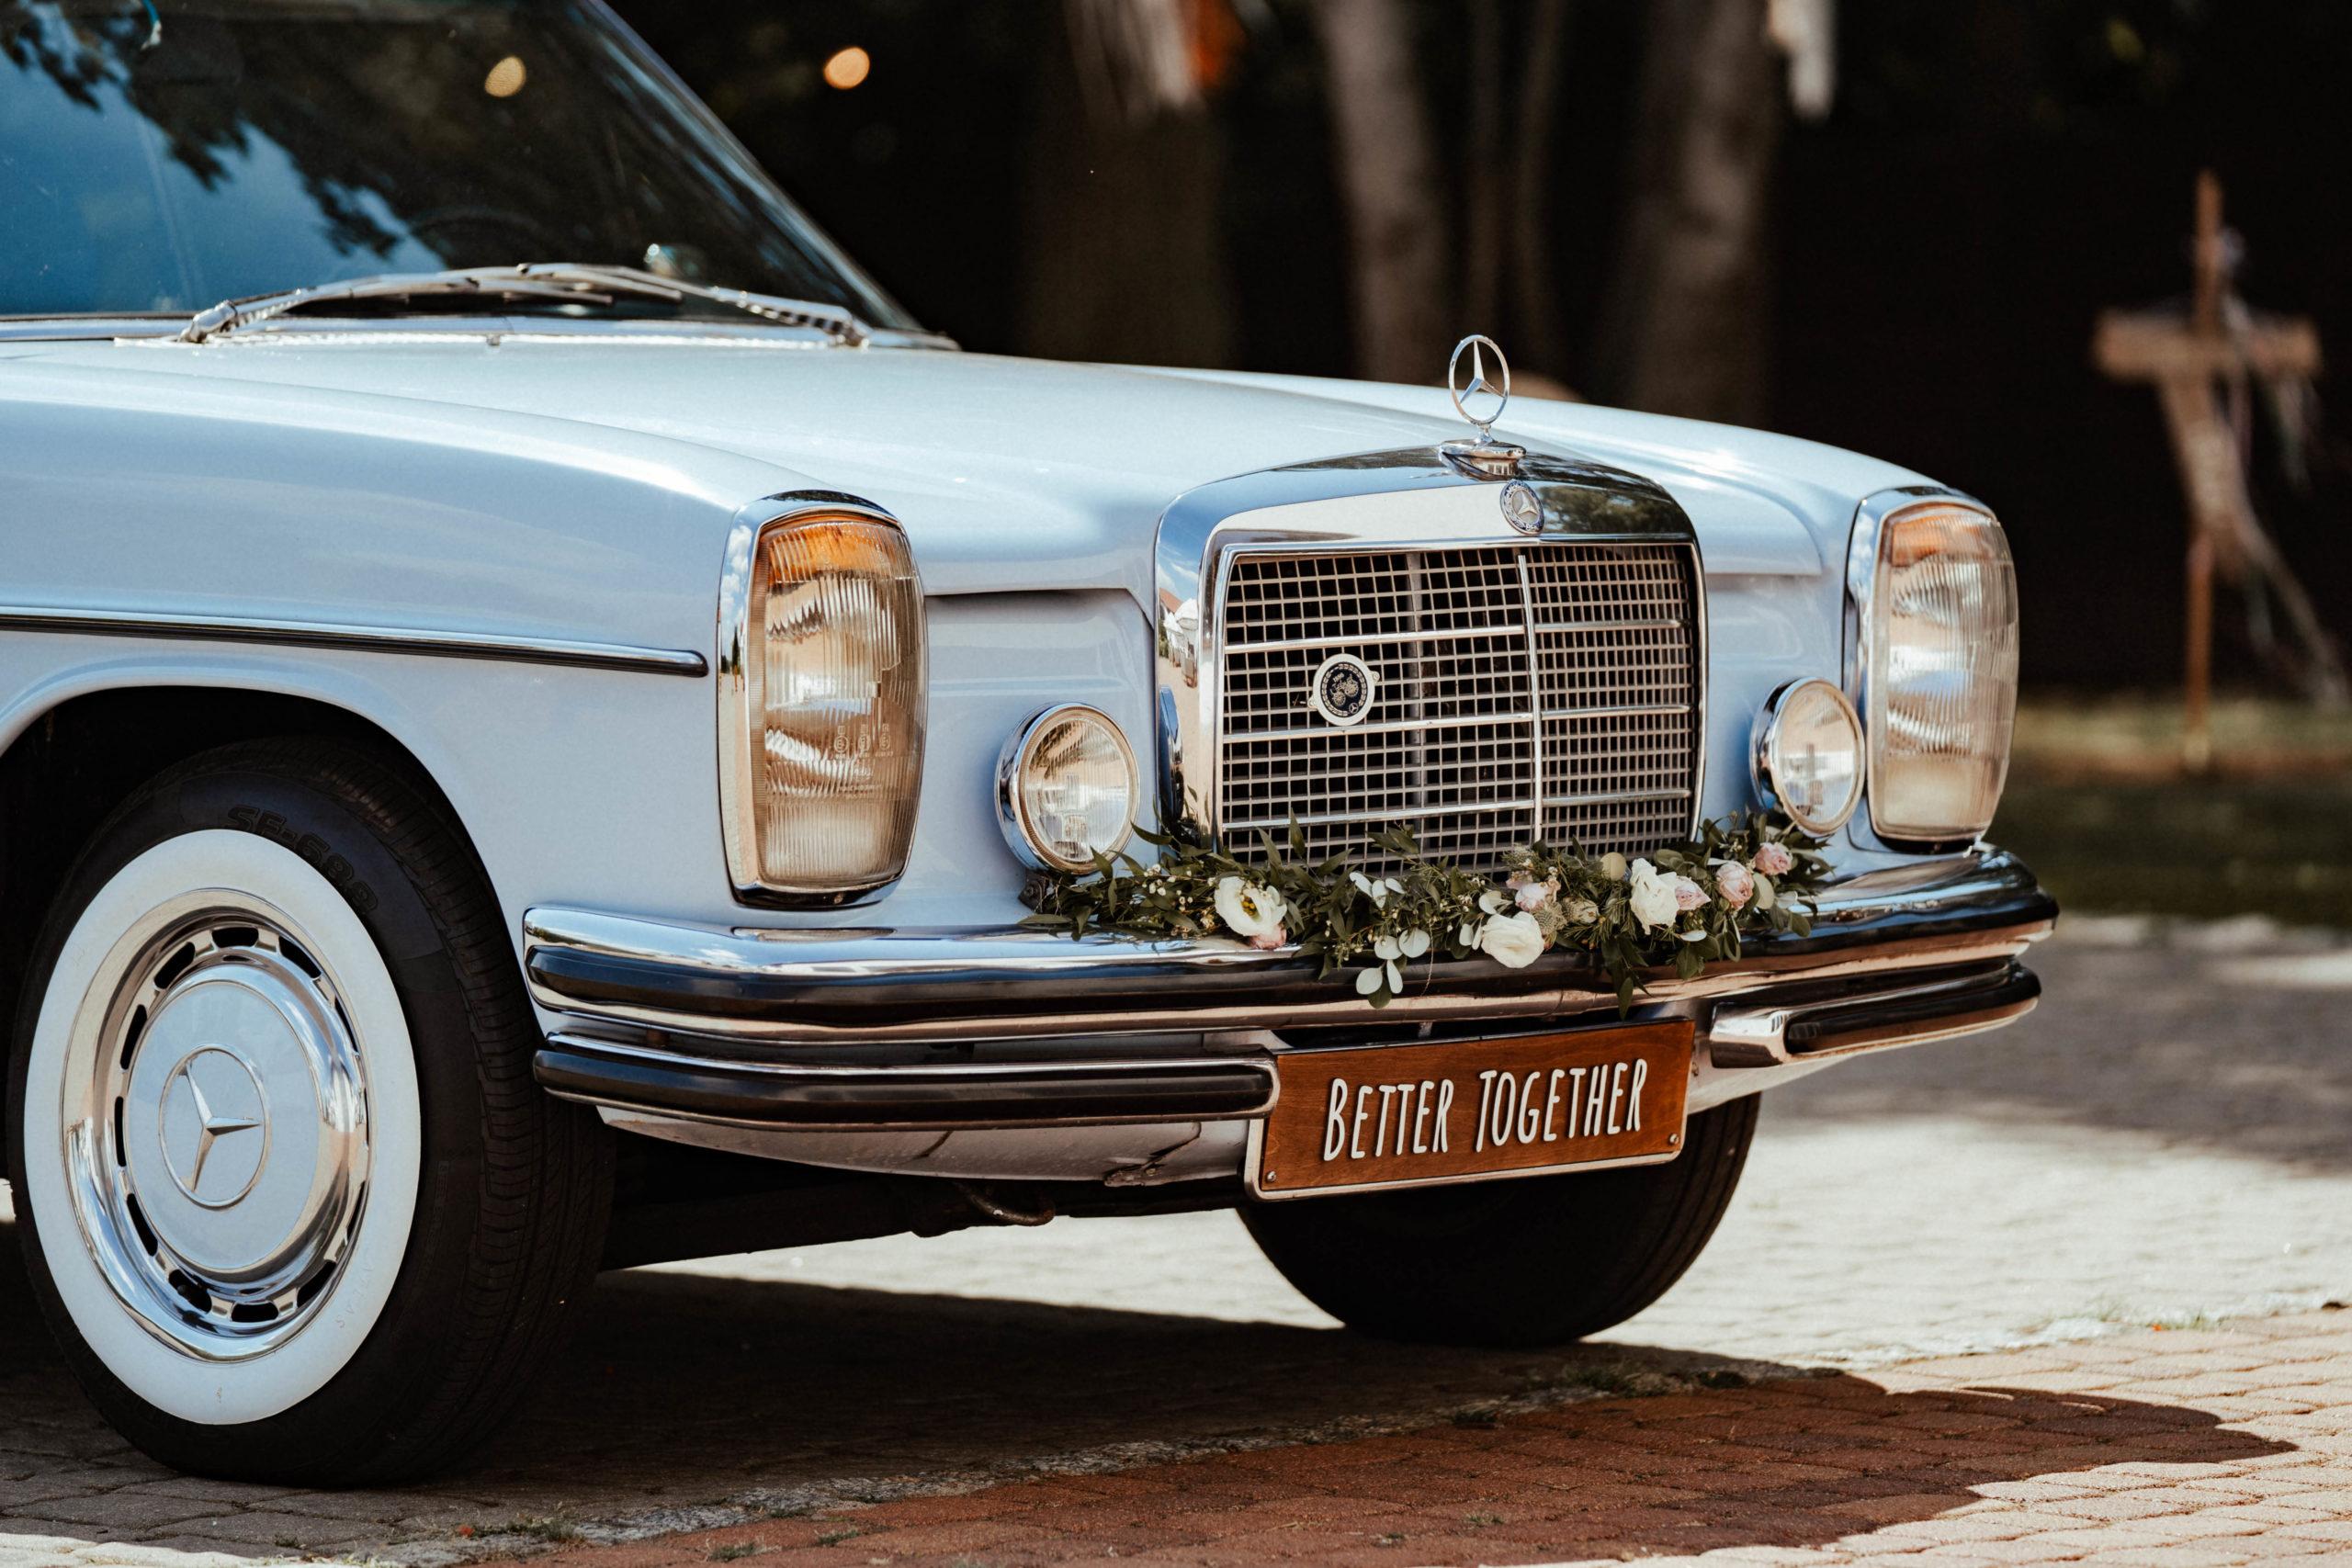 Coś starego, niebieskiego i pożyczonego – czyli o samochodach ślubnych słów kilka